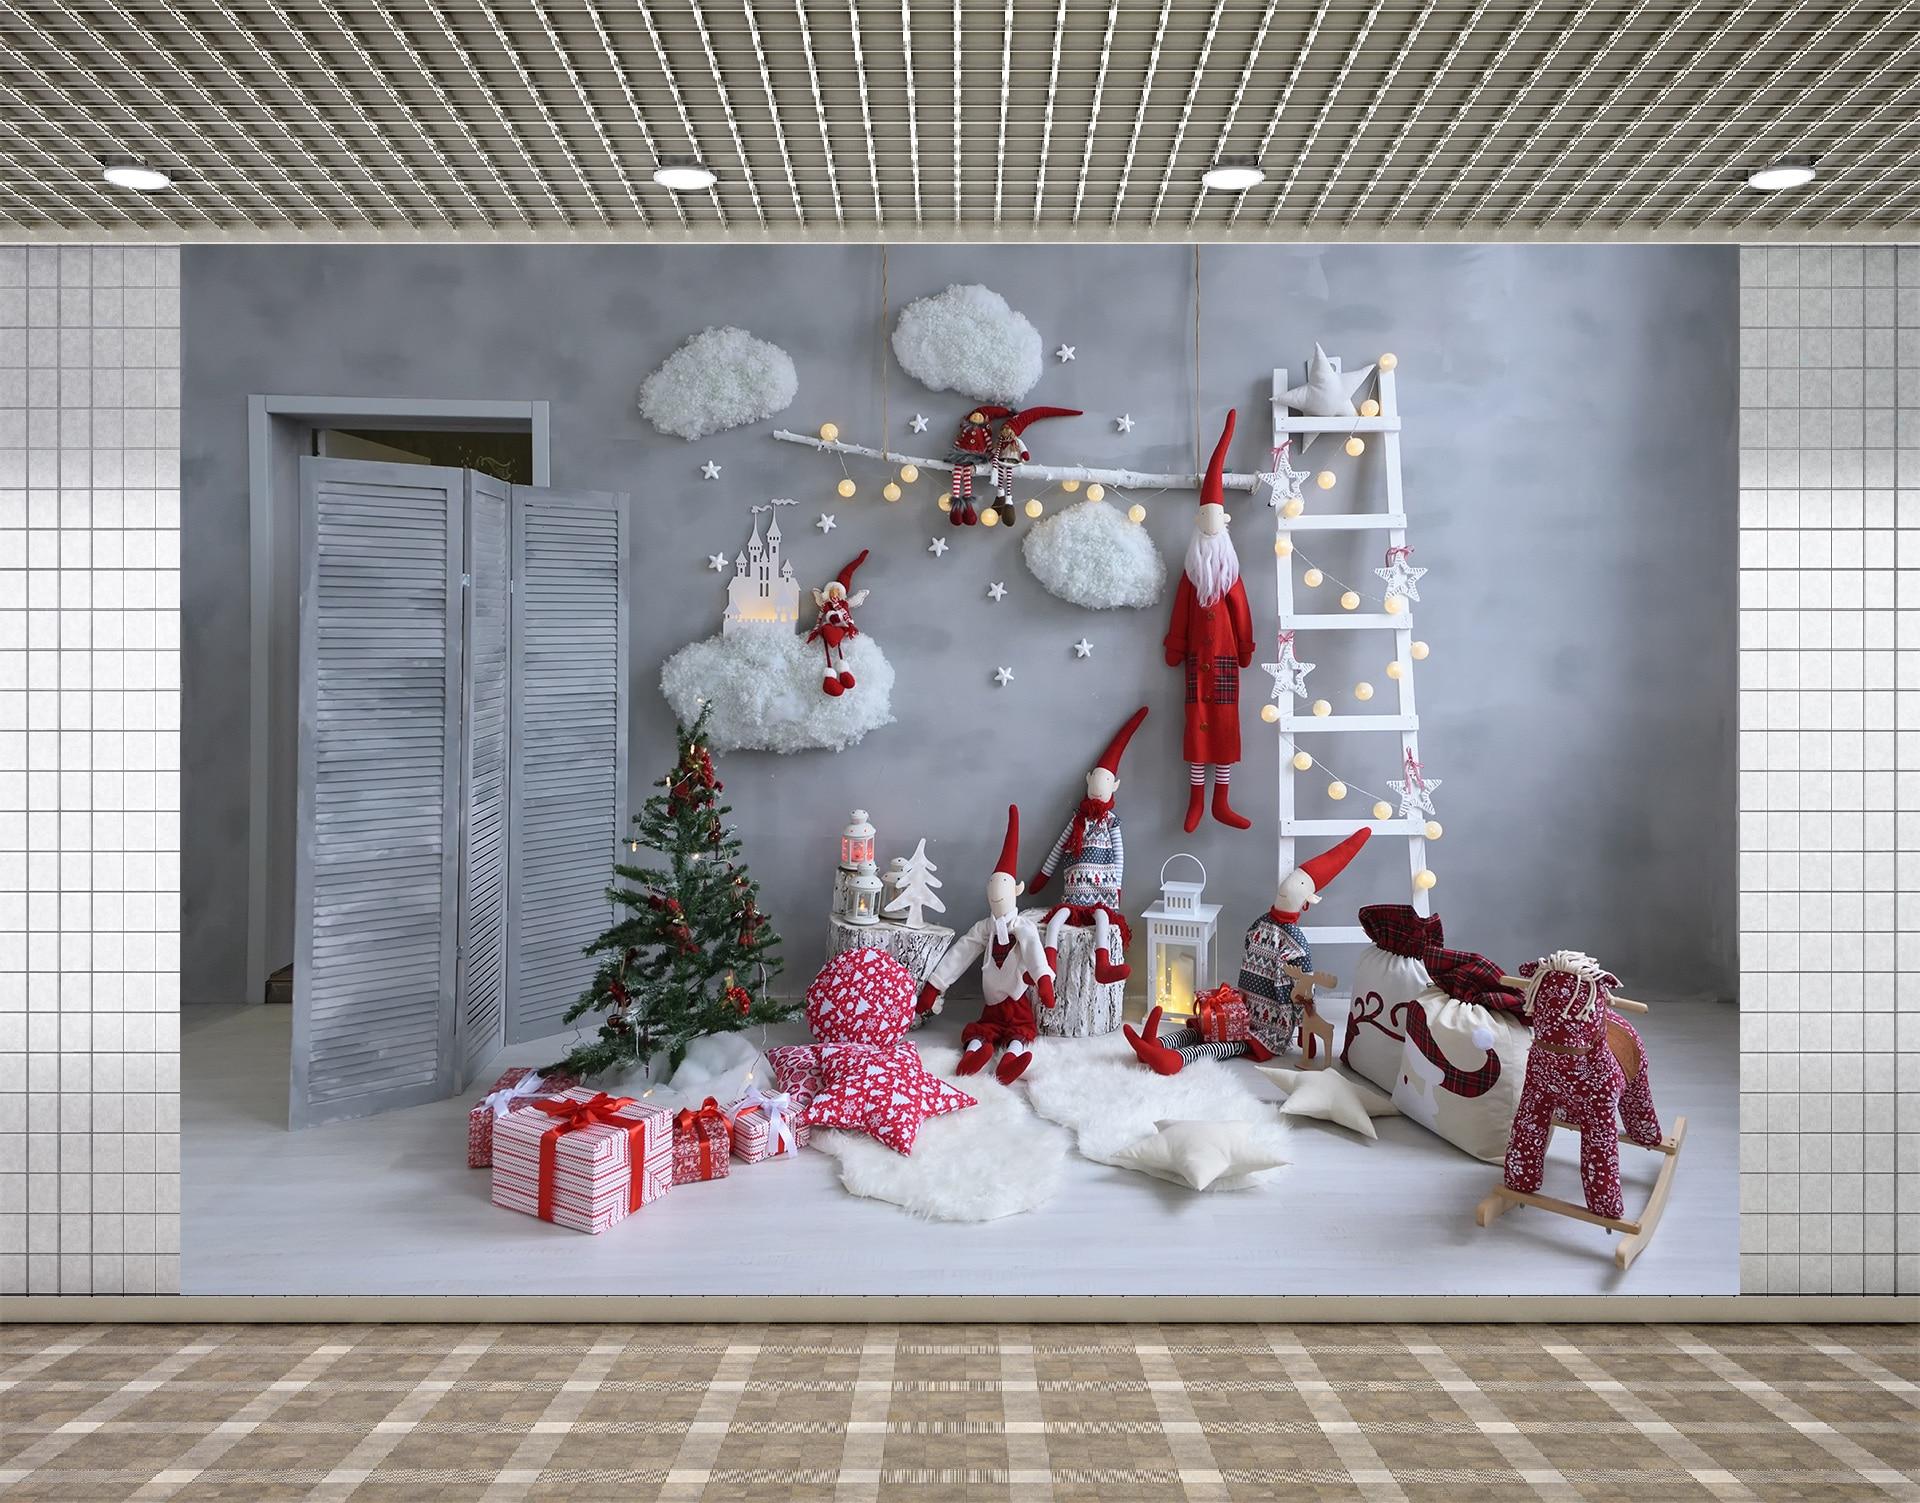 Pano de Fundo Aniversário do Bebê Fundo para Estúdio Lyavshi Natal Árvore Casa Boneca Brinquedo Bola Recém-nascido Festa Photocall Fotografia Foto